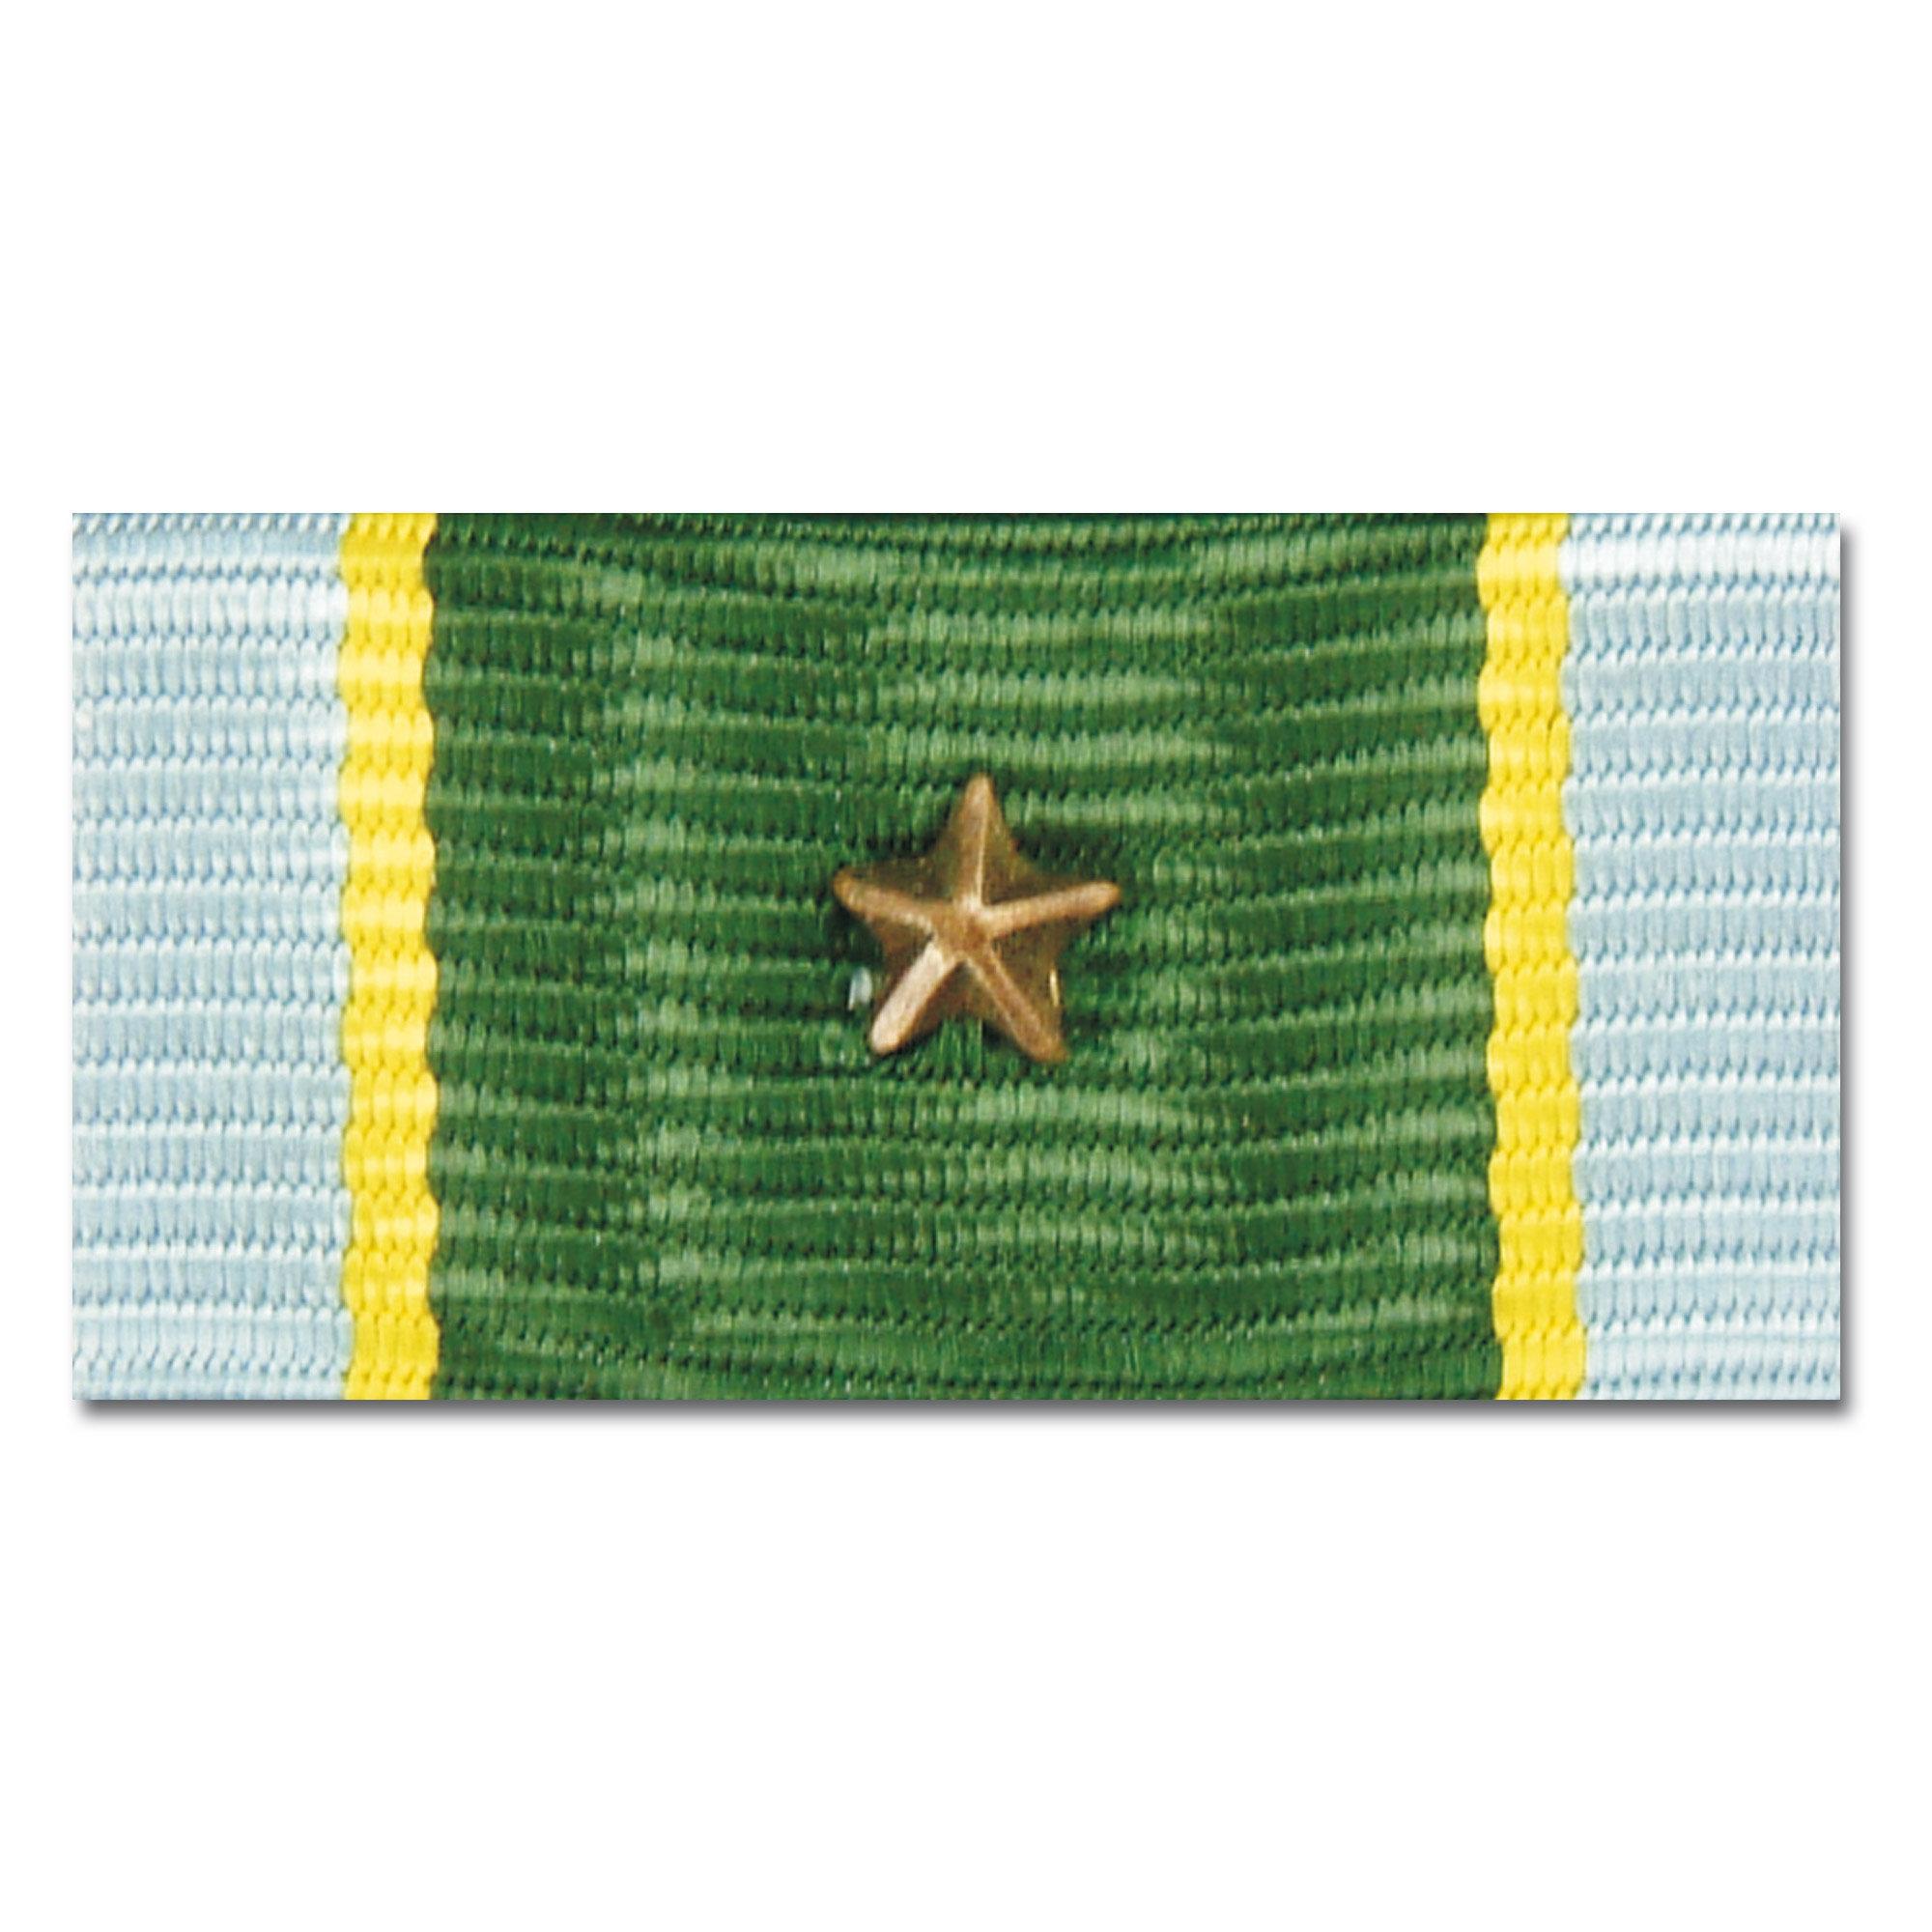 Ordensspange Schießauszeichnung US bronze